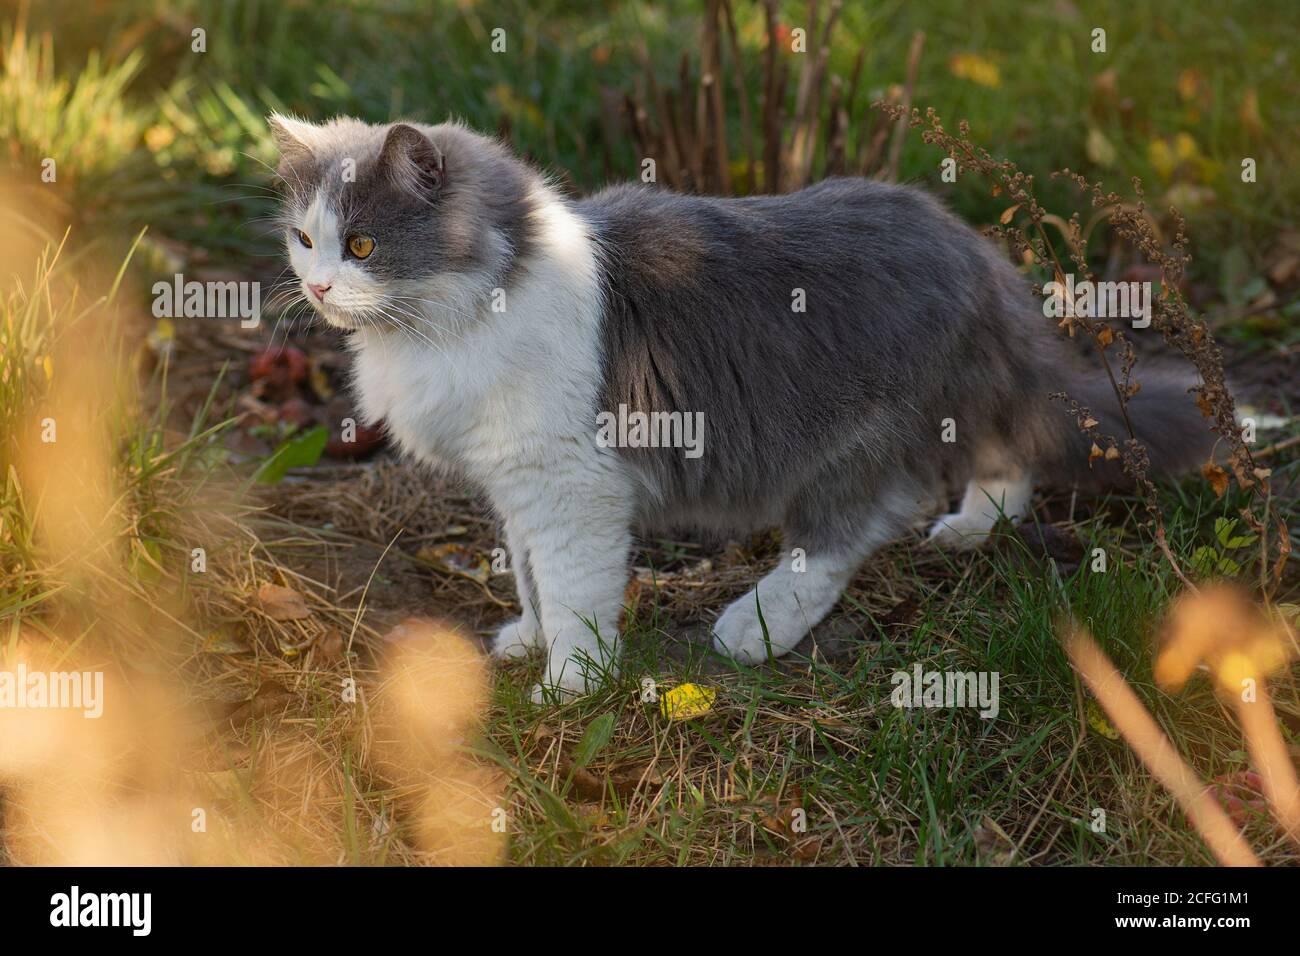 Gattino divertente in foglie gialle d'autunno. Gatto che gioca in autunno con fogliame. Gattino britannico in foglie colorate sulla natura. Foto Stock